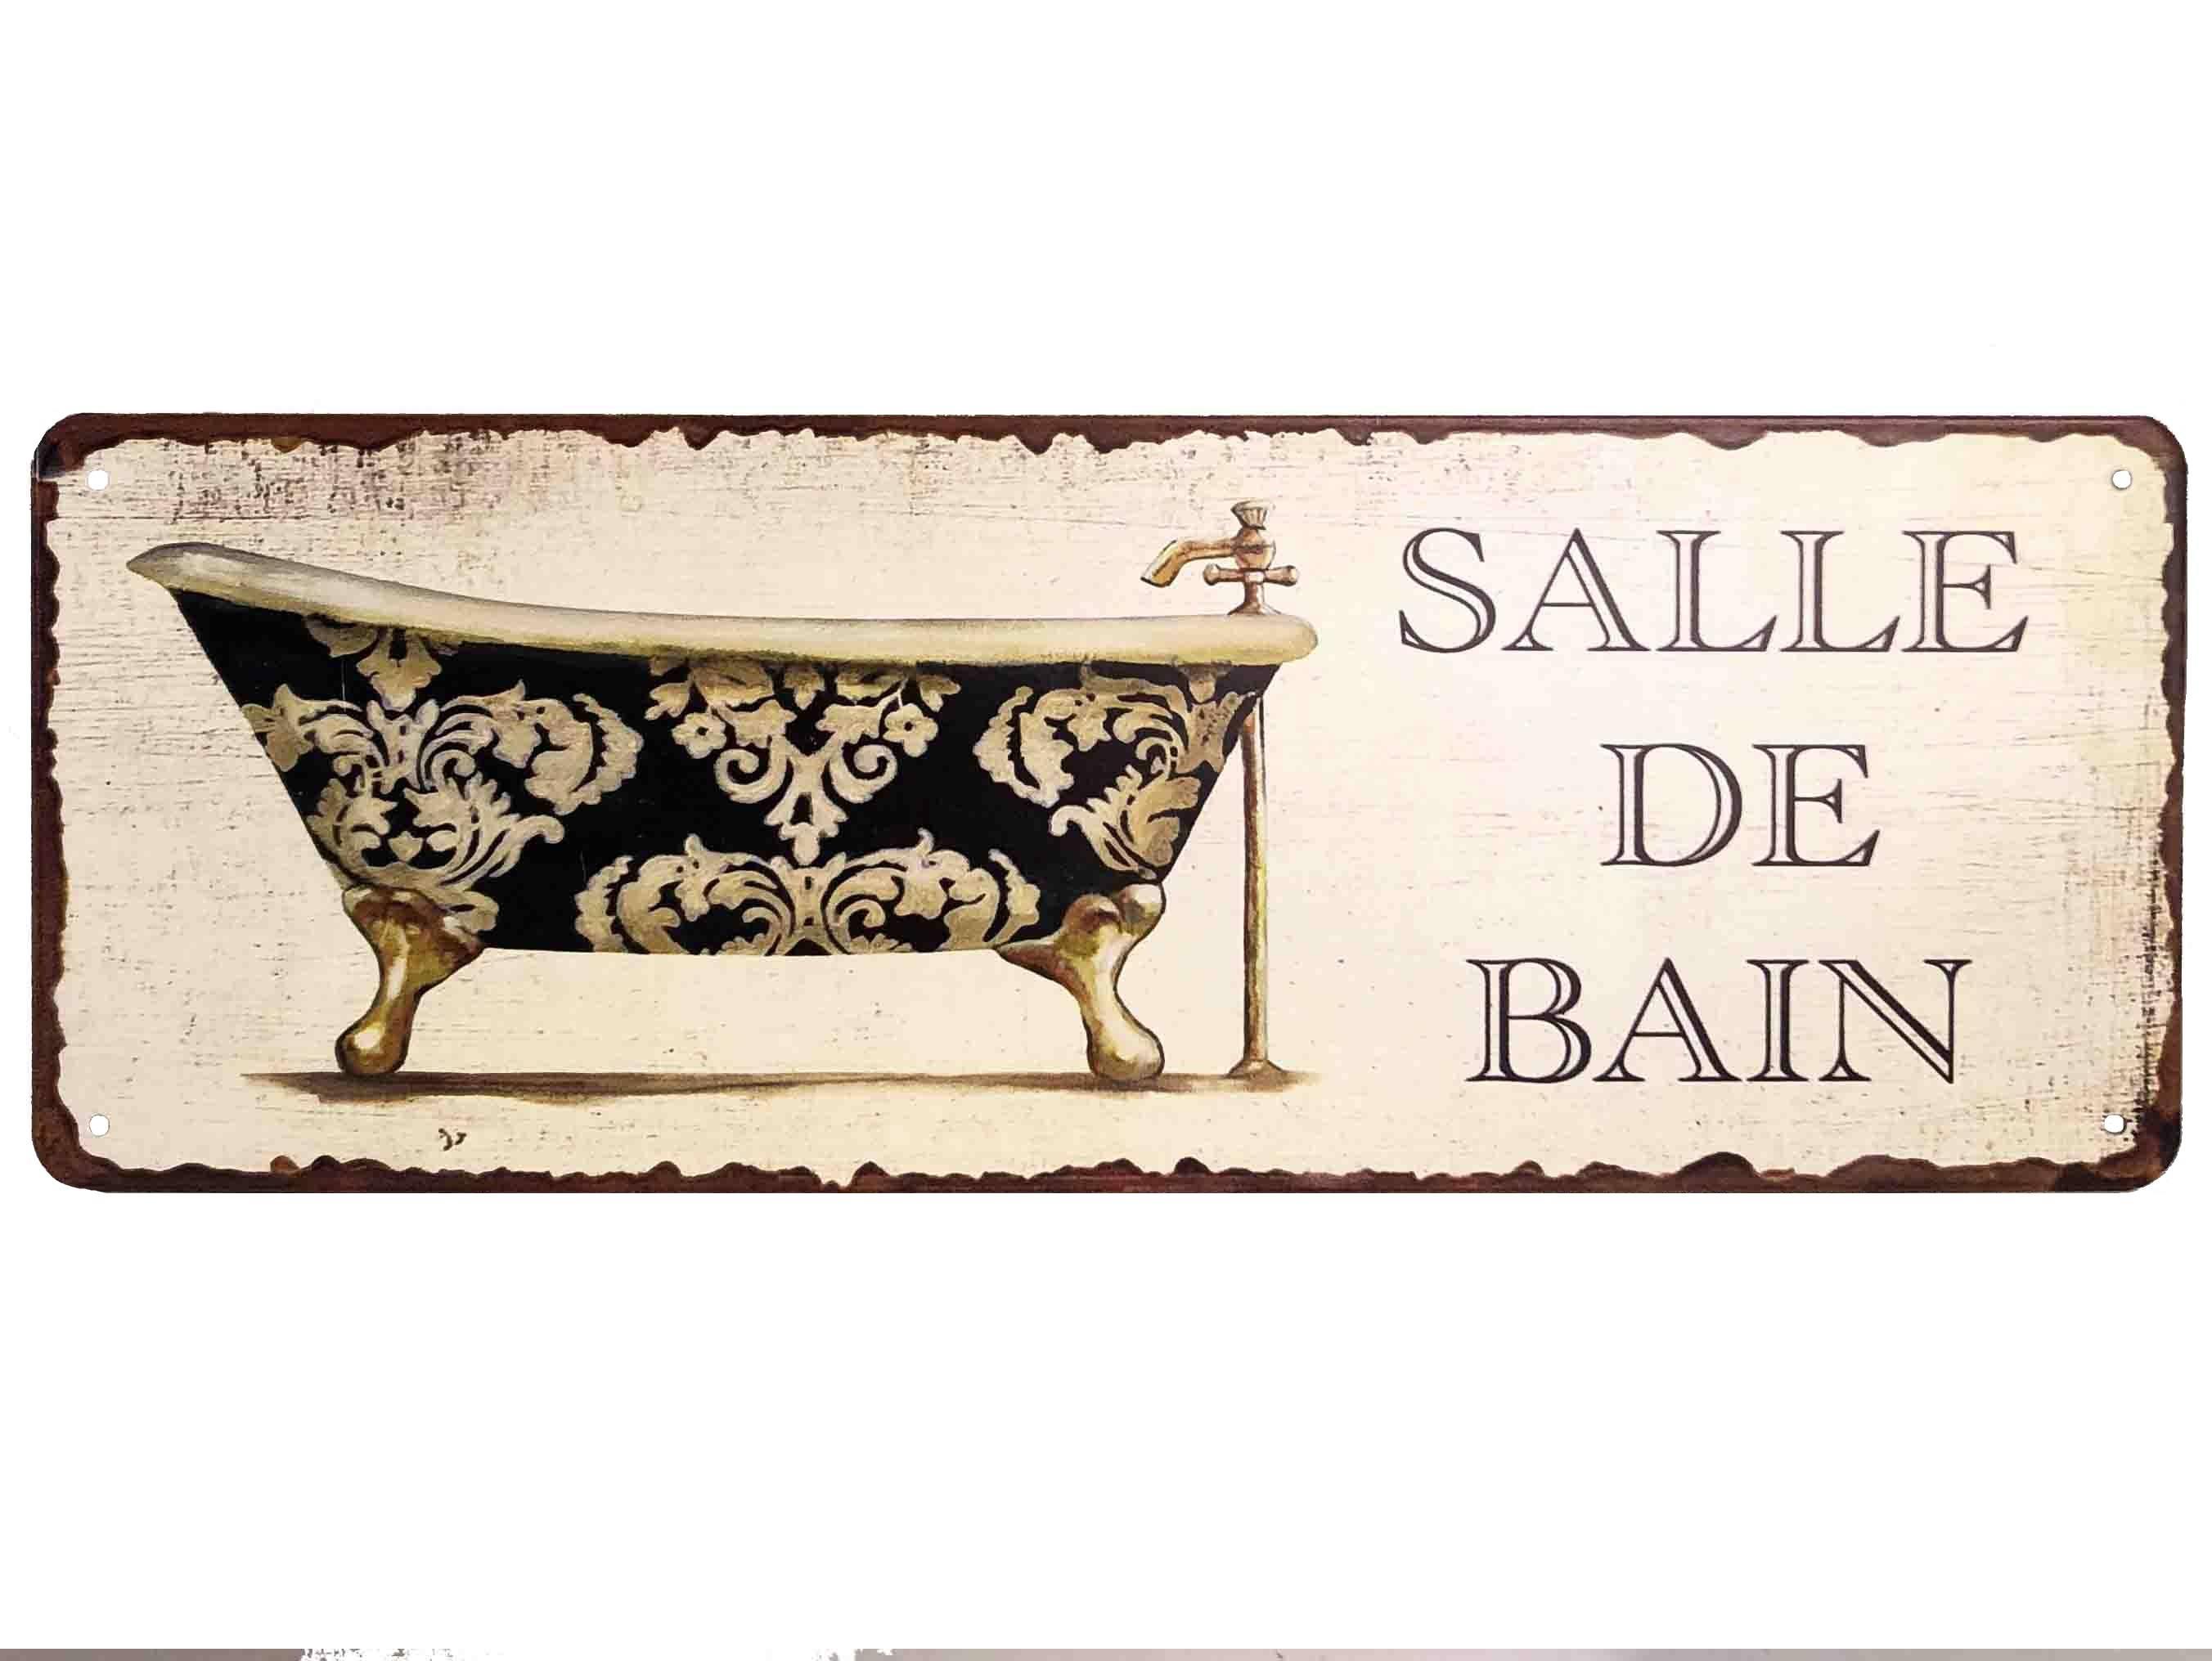 Salle De Bain Plaque plaque murale rectangulaire nominative enseigne de porte